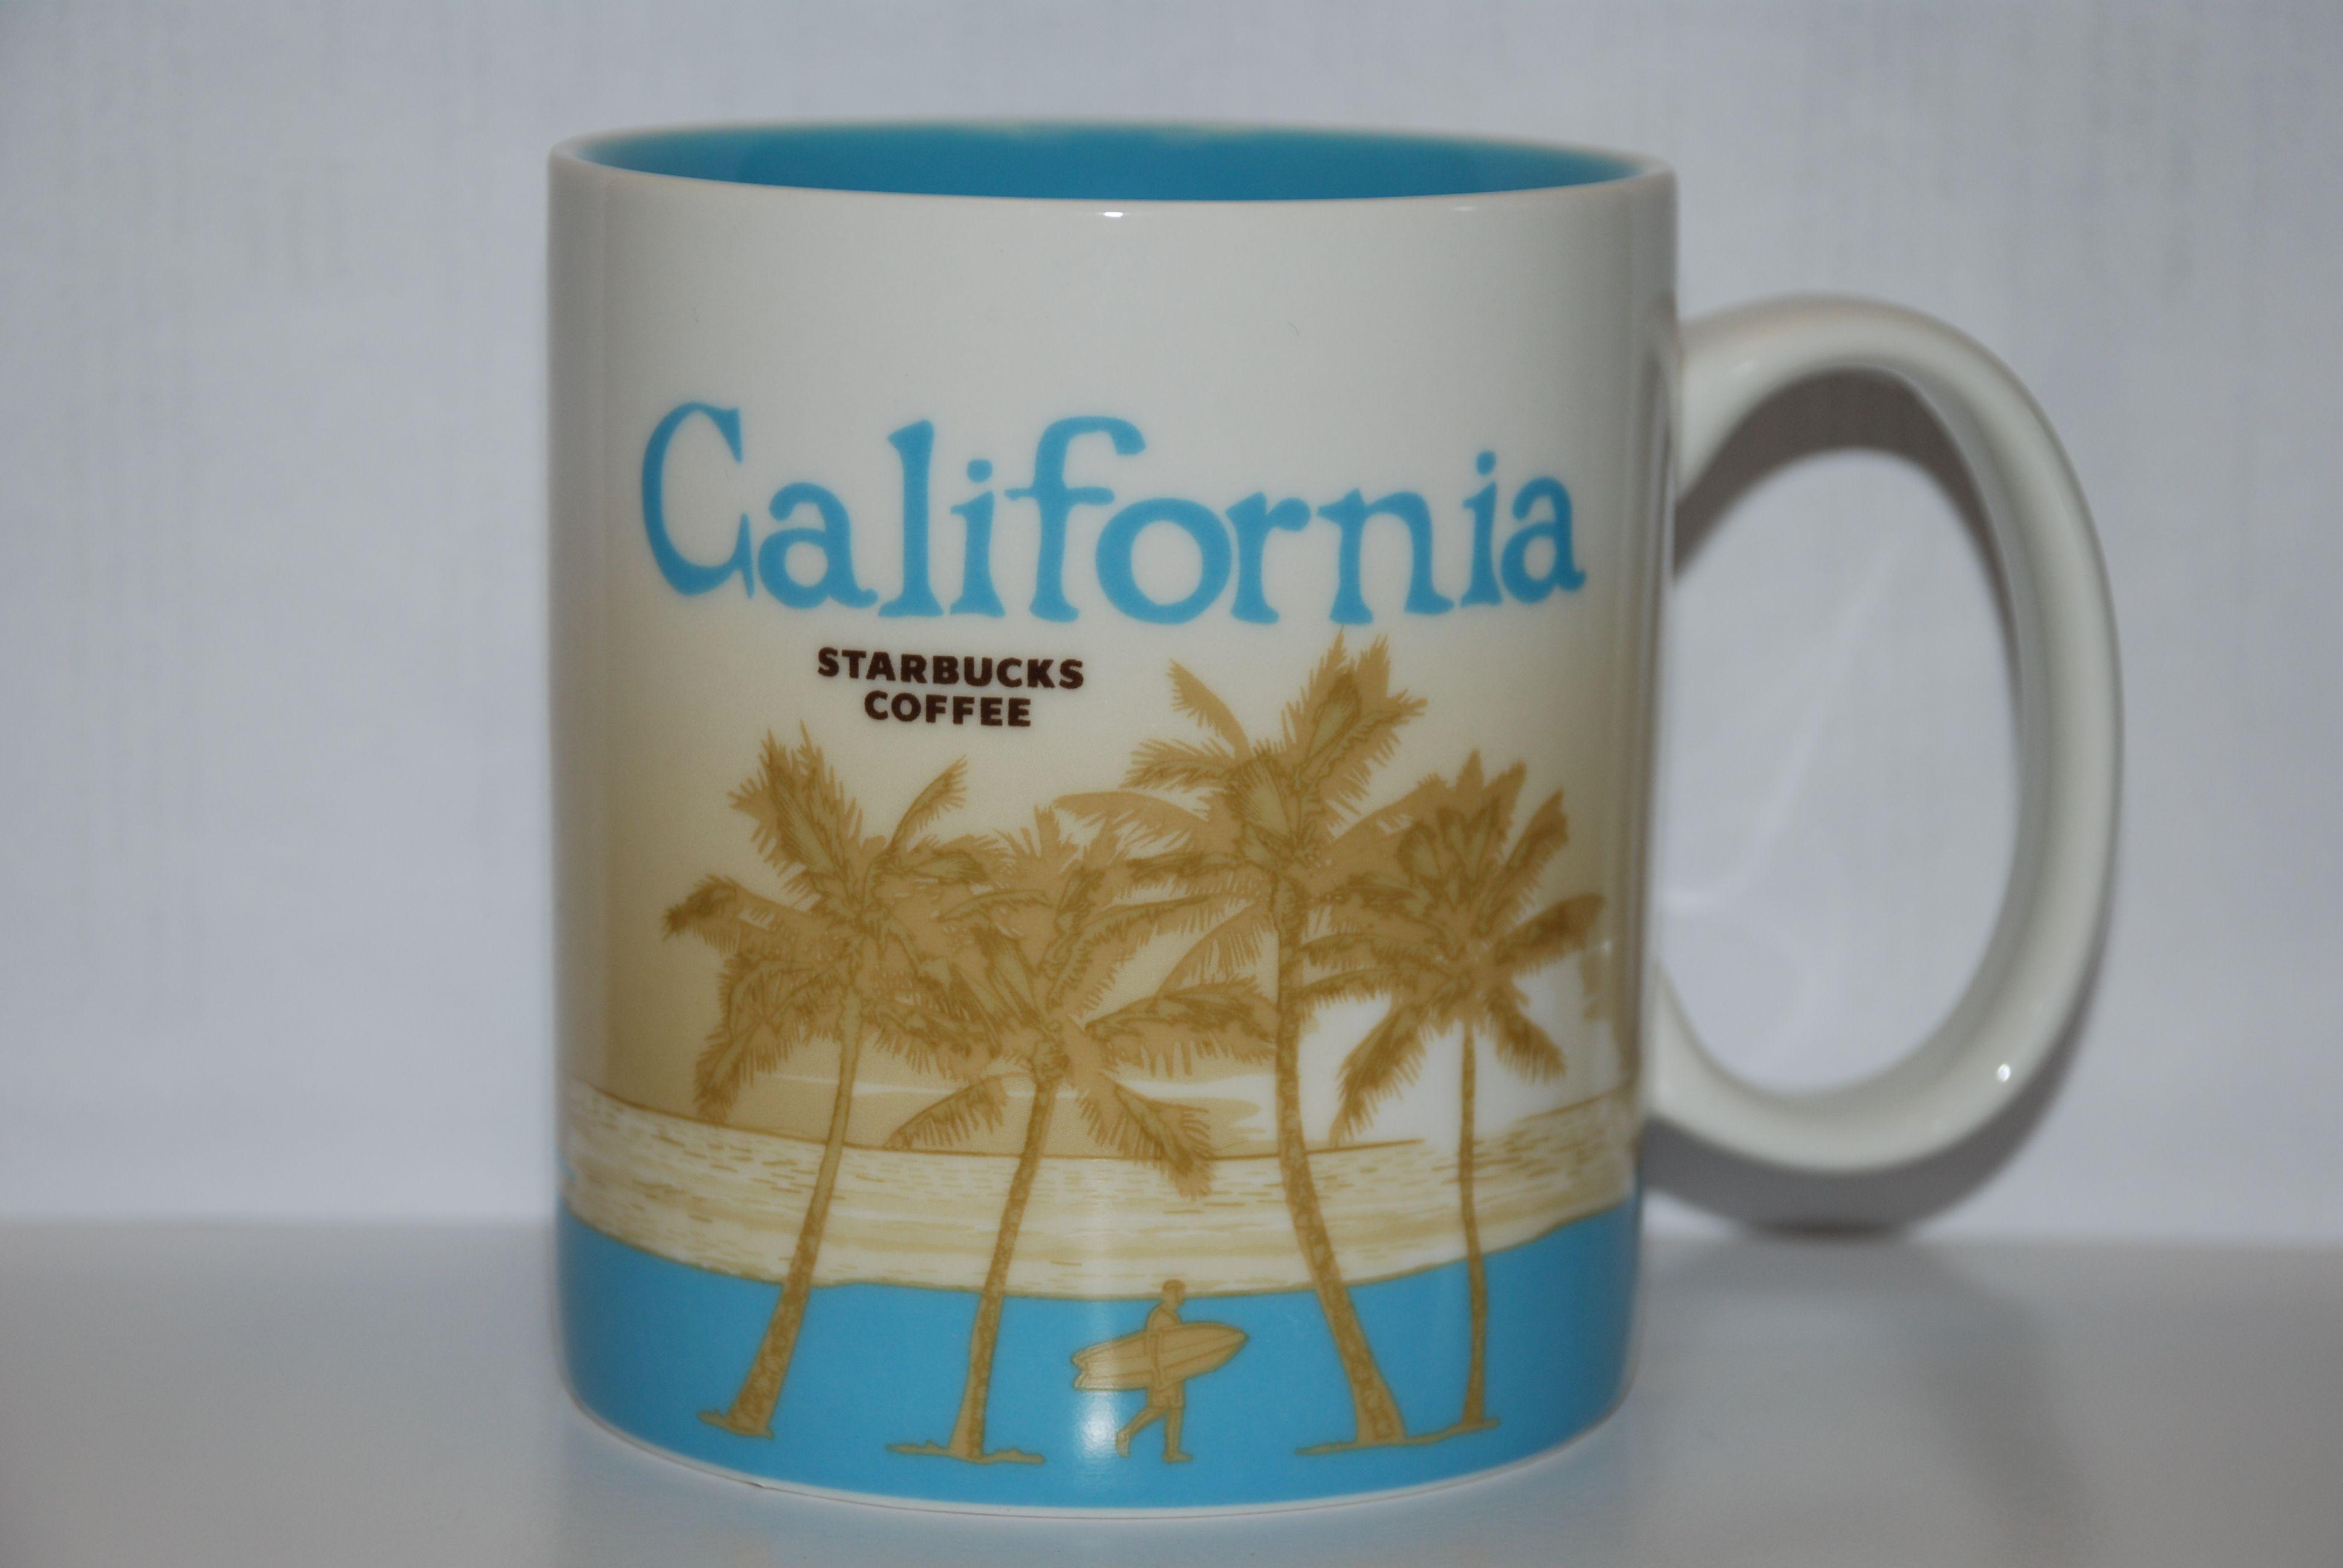 Starbucks California Mug Buy In Starbucks #Starbucks, #Pinsland, #Coffee, Httpsappsfacebookcomyangutu